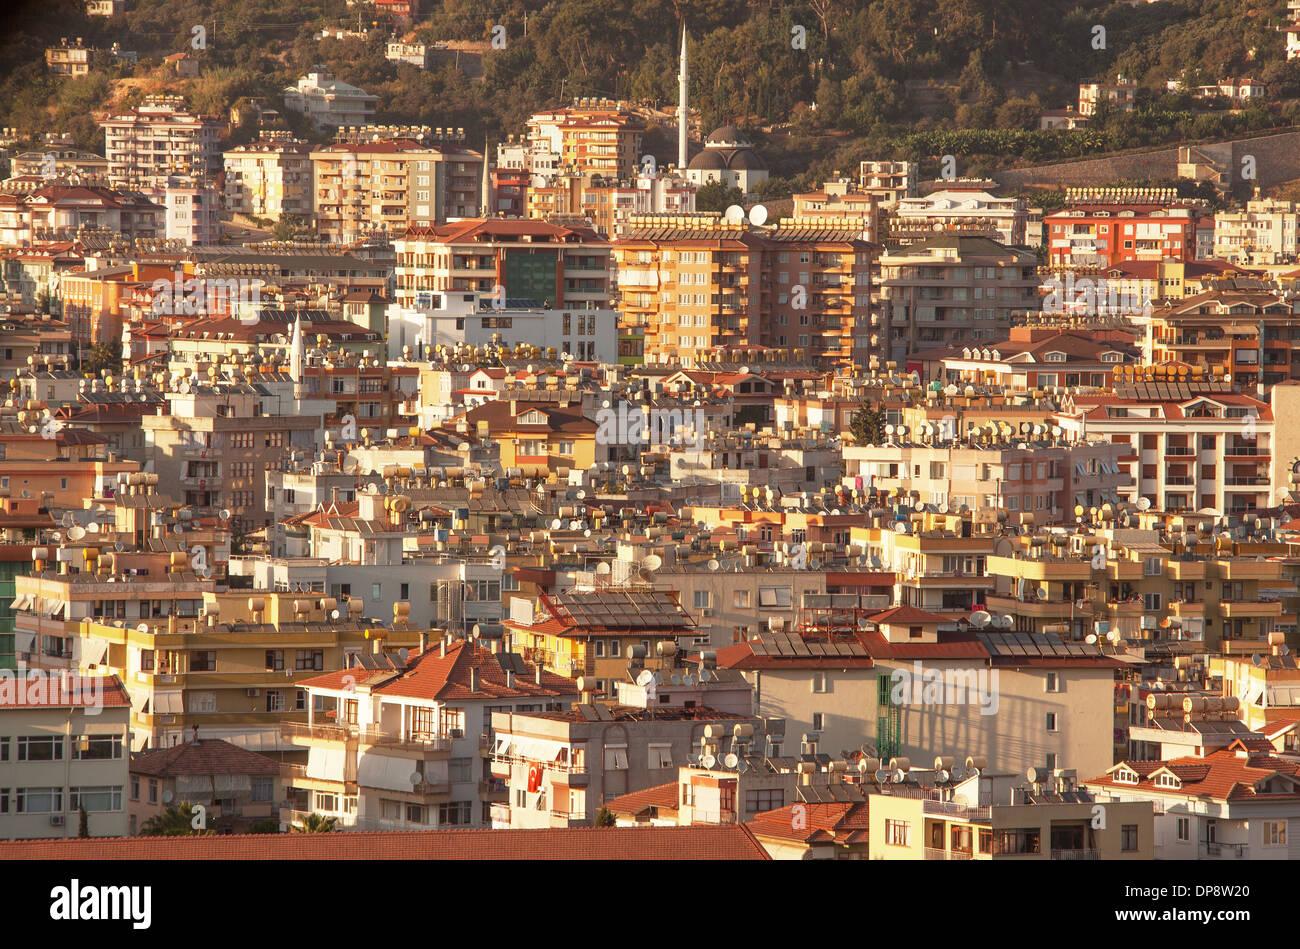 Los calentadores de agua y antenas de satélite. Características de la arquitectura moderna en la ciudad de Alanya, Turquía. Canon 5D Mk II. Imagen De Stock